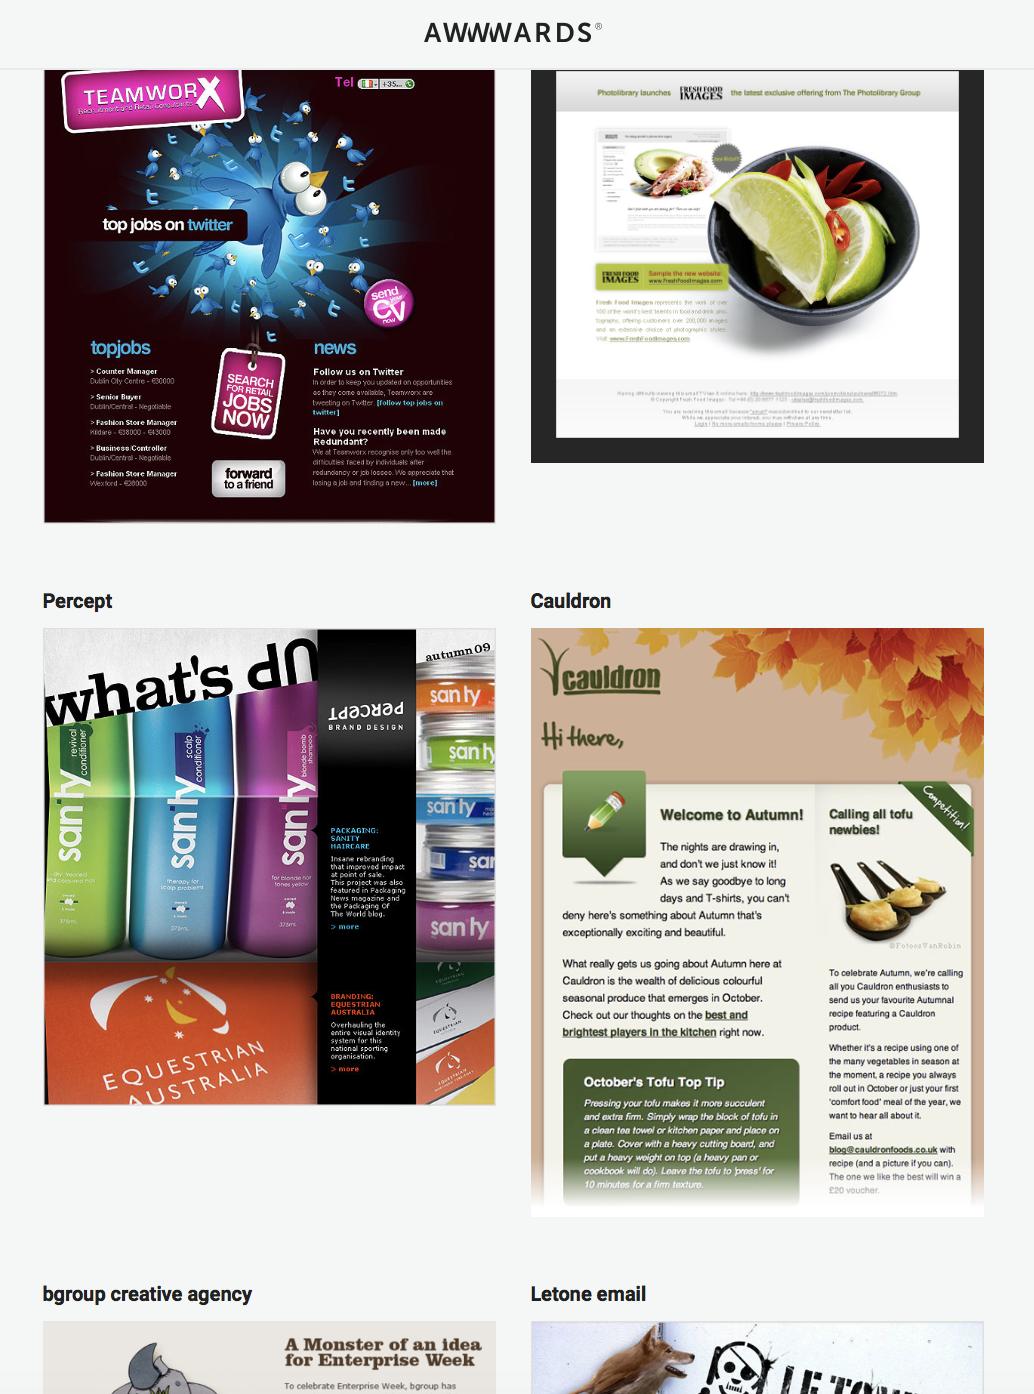 Newsletter design awwords result